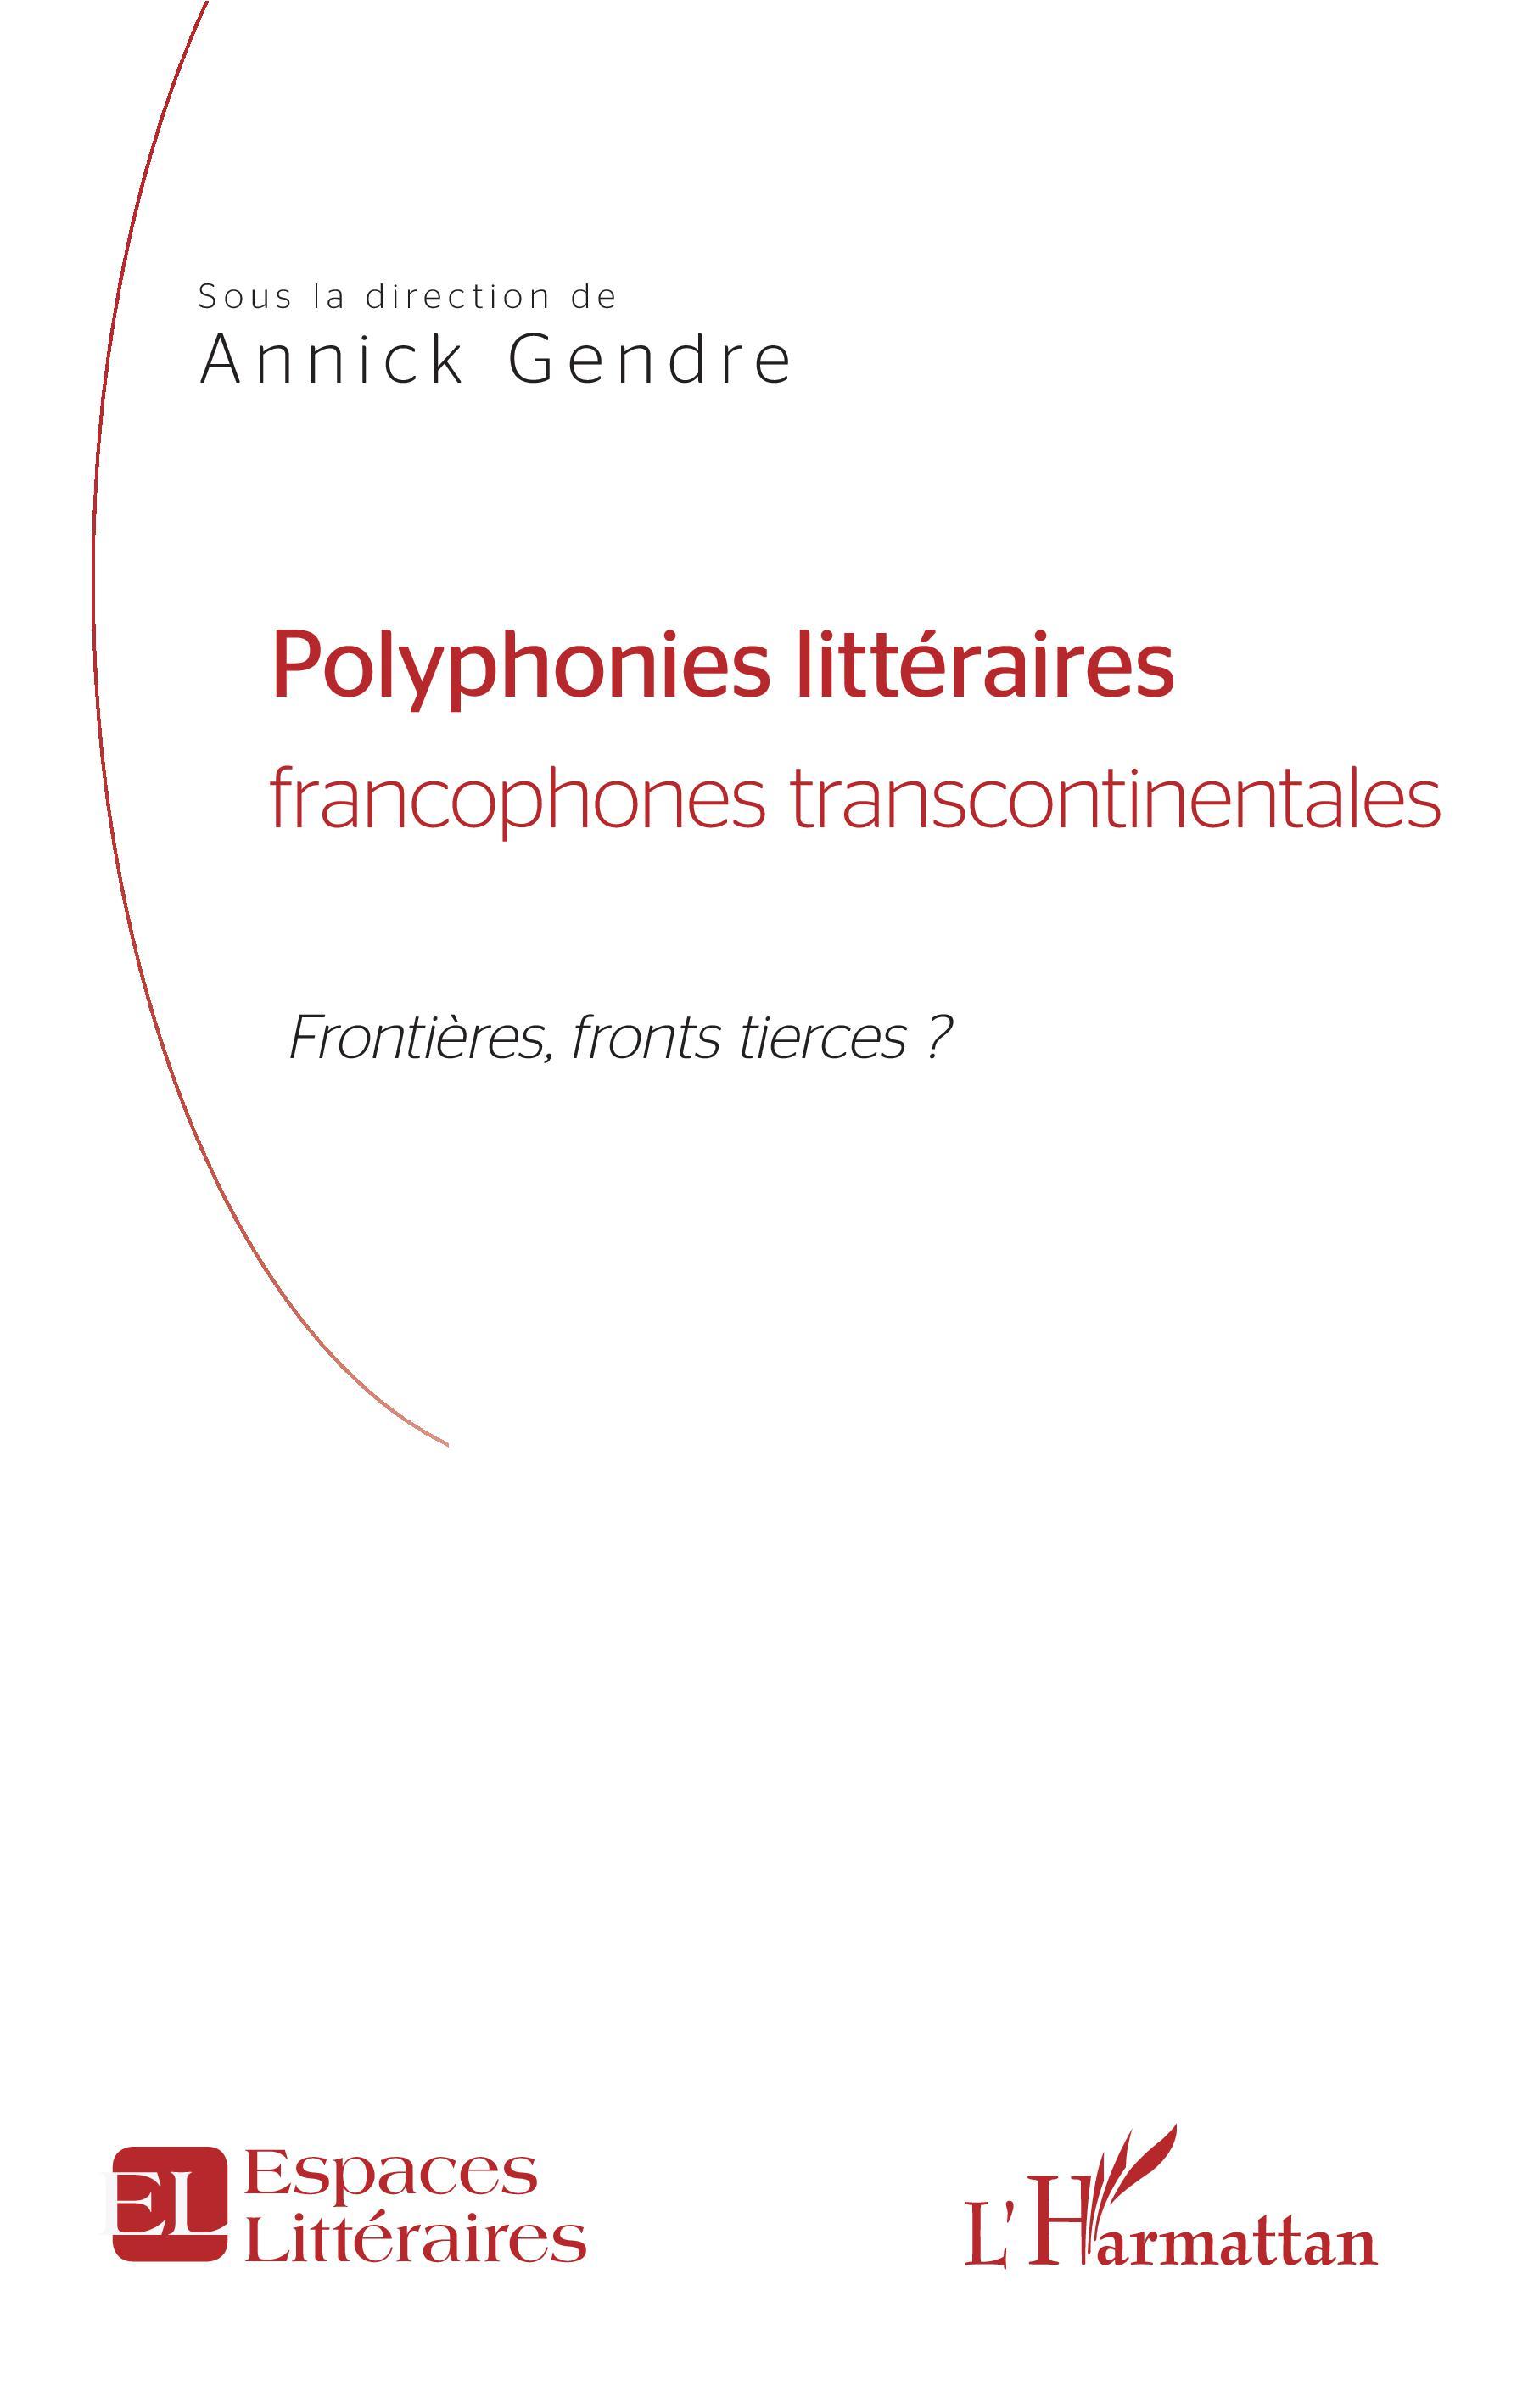 A. Gendre (dir.), Polyphonies littéraires francophones transcontinentales, frontières, fronts tierces ?